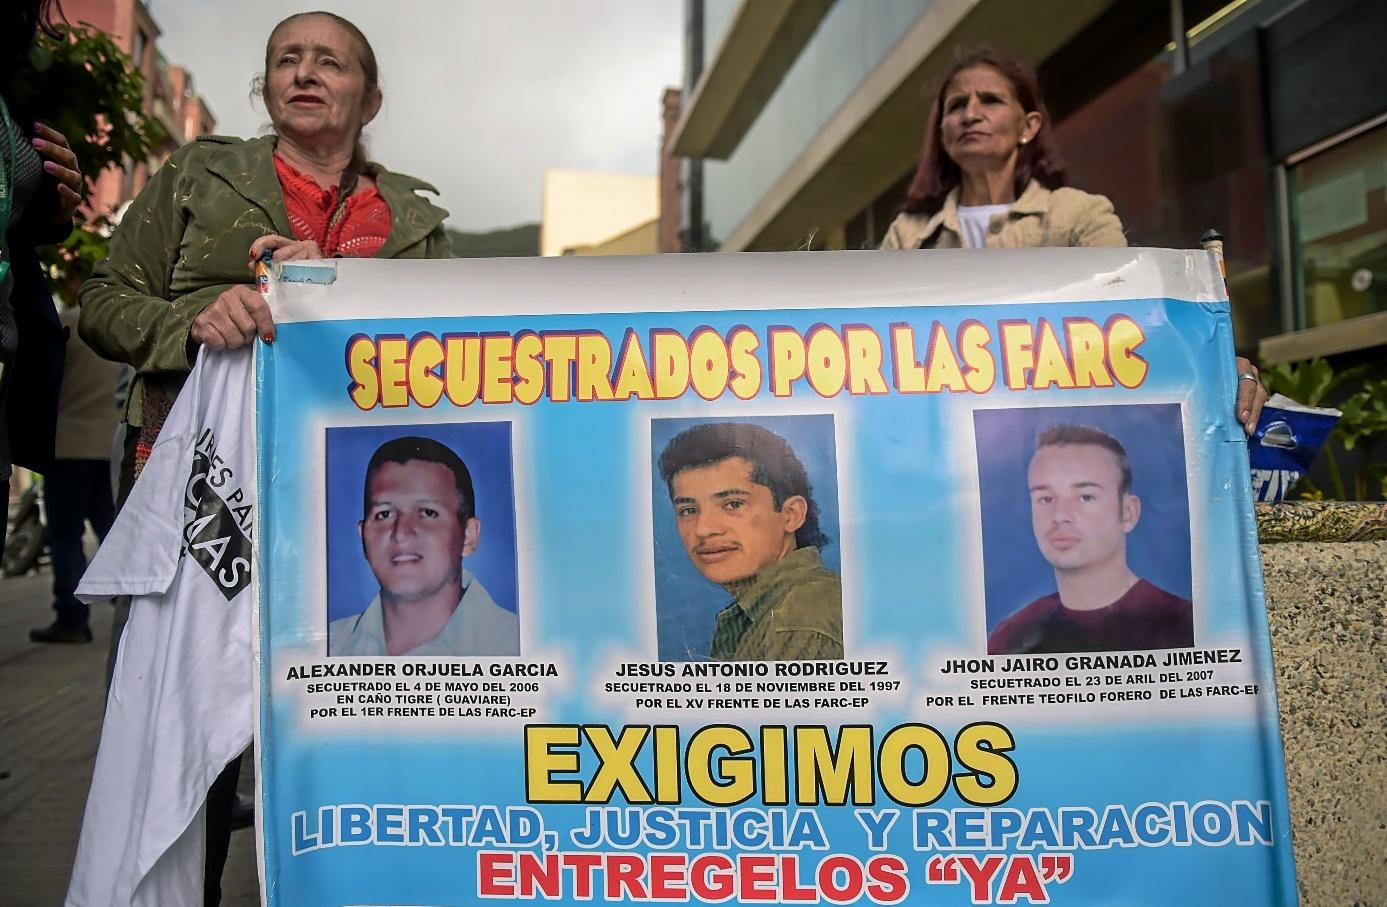 Dos mujeres portan un cartel con los rostros de tres secuestrados por las FARC, a las afueras del Tribunal Especial para la Paz, en Bogotá.